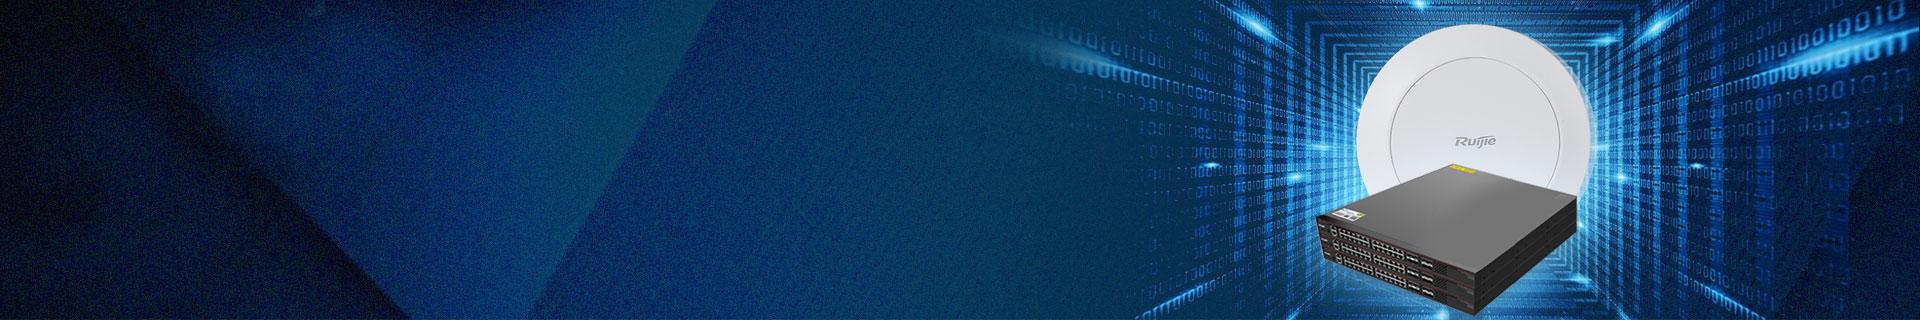 Wi-Fi 6�朵唬 棣����ㄤ������虹�缁�